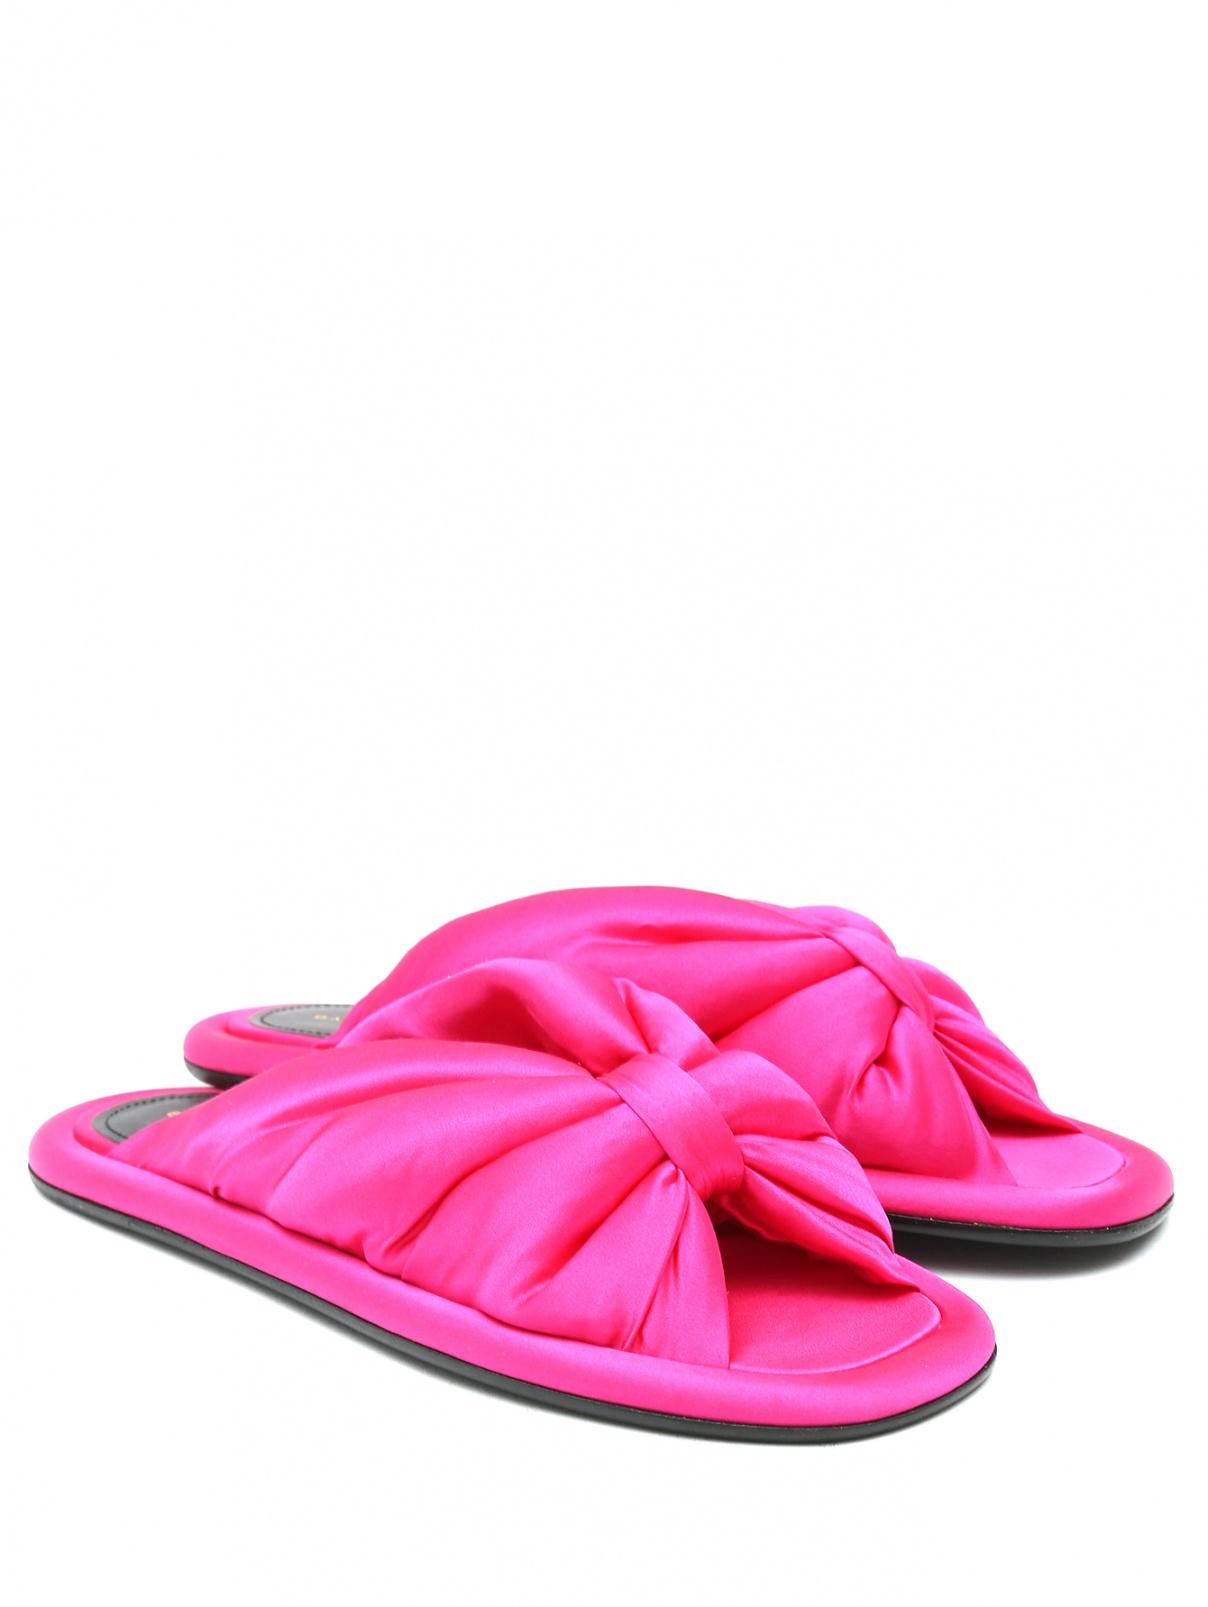 Босоножки со вставками из кожи Balenciaga  –  Общий вид  – Цвет:  Розовый